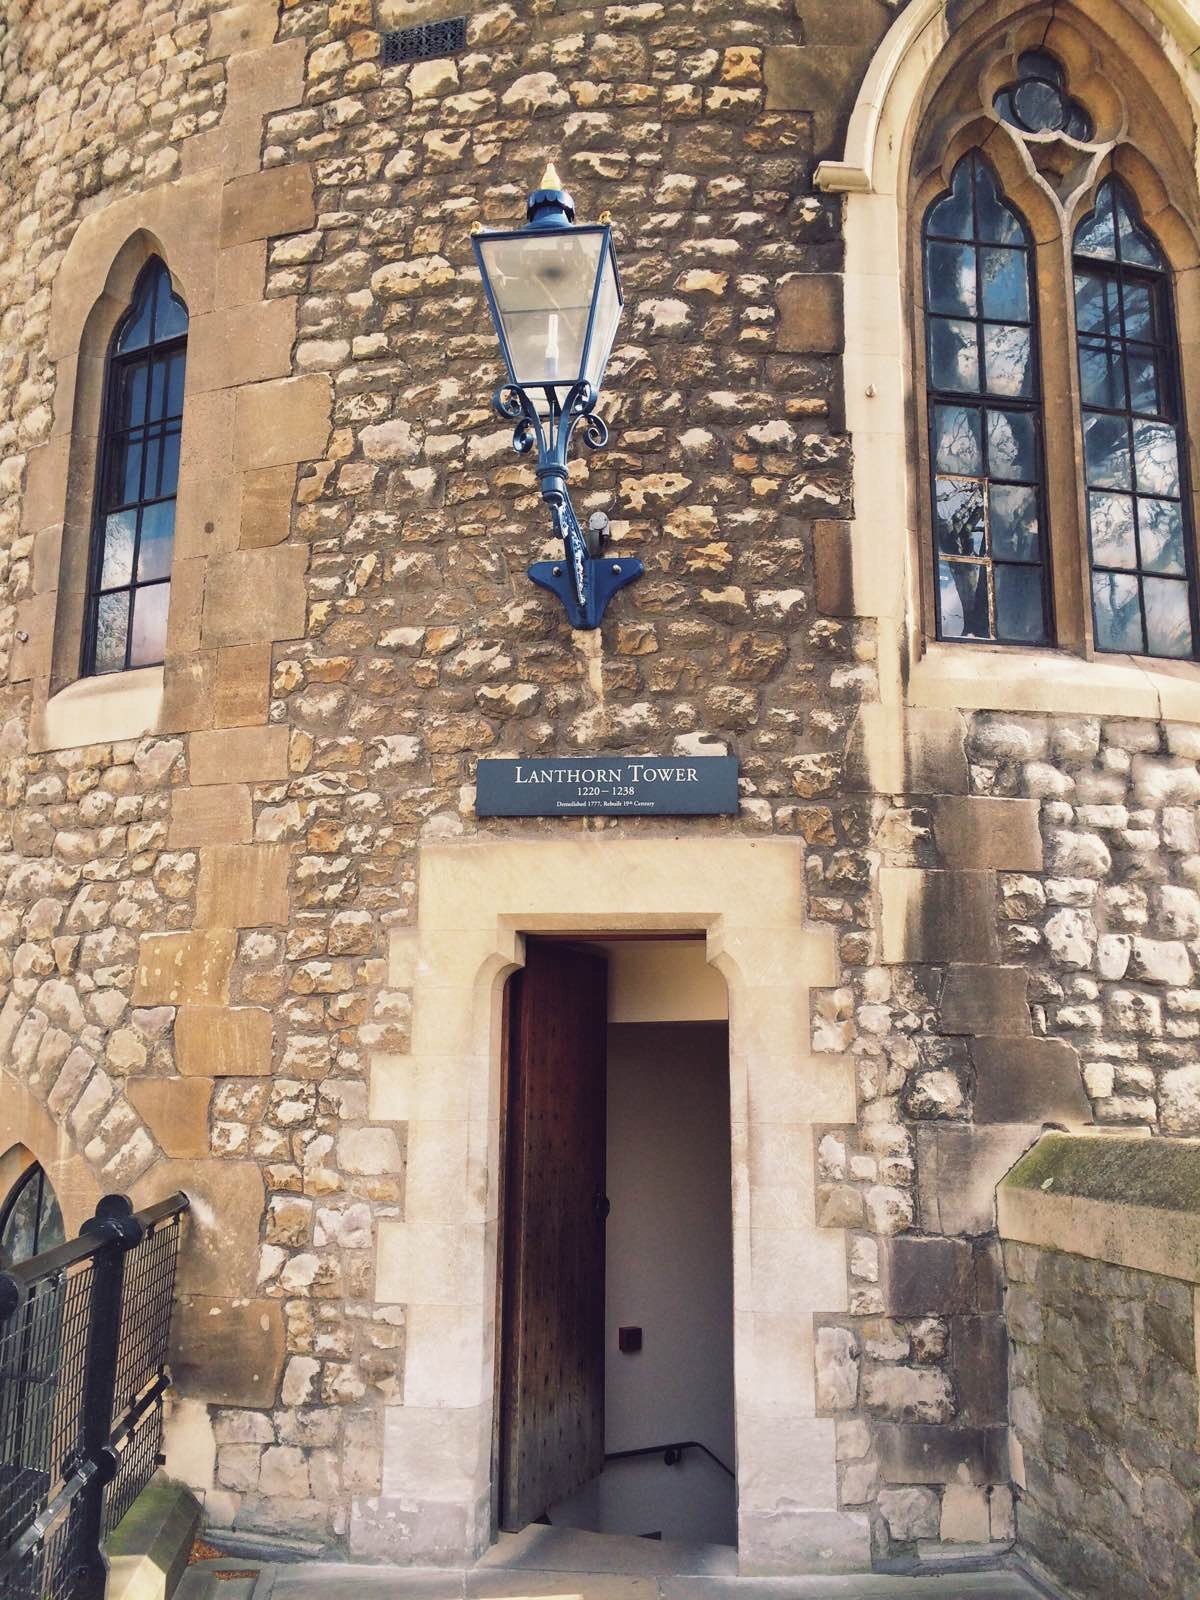 伦敦塔 体验了一下中古世纪军人的行头:铁网衣